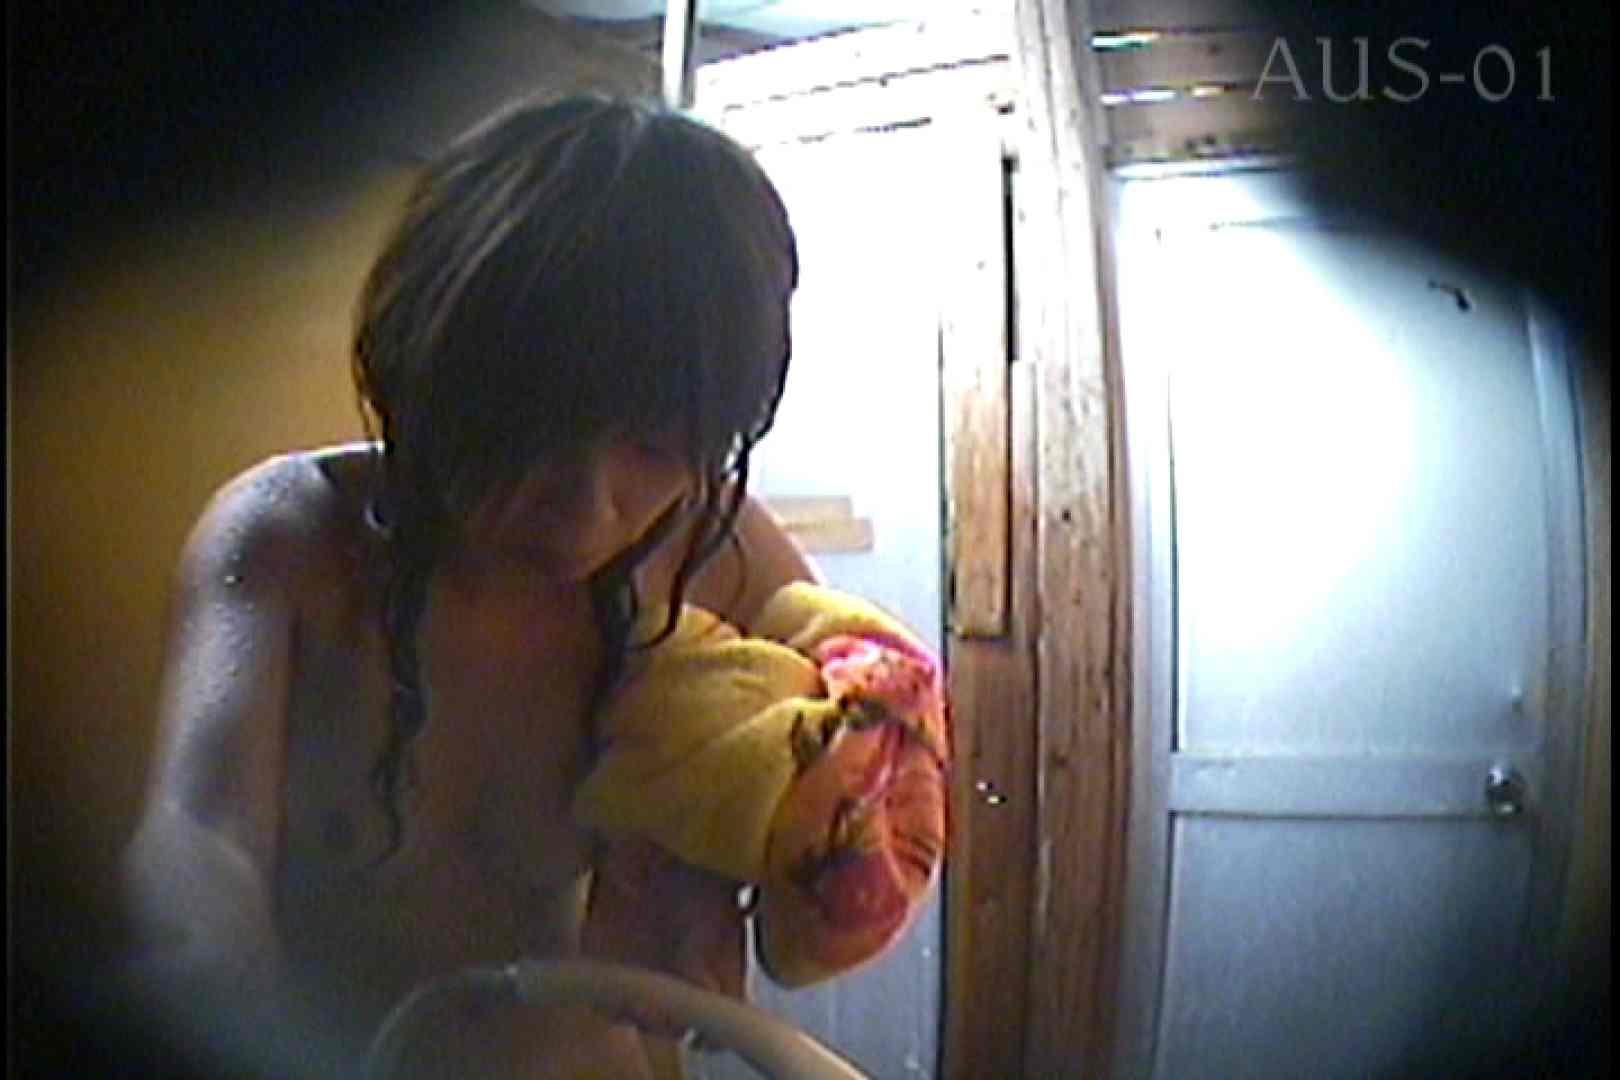 海の家の更衣室 Vol.01 美乳 | 隠れた名作  55画像 32